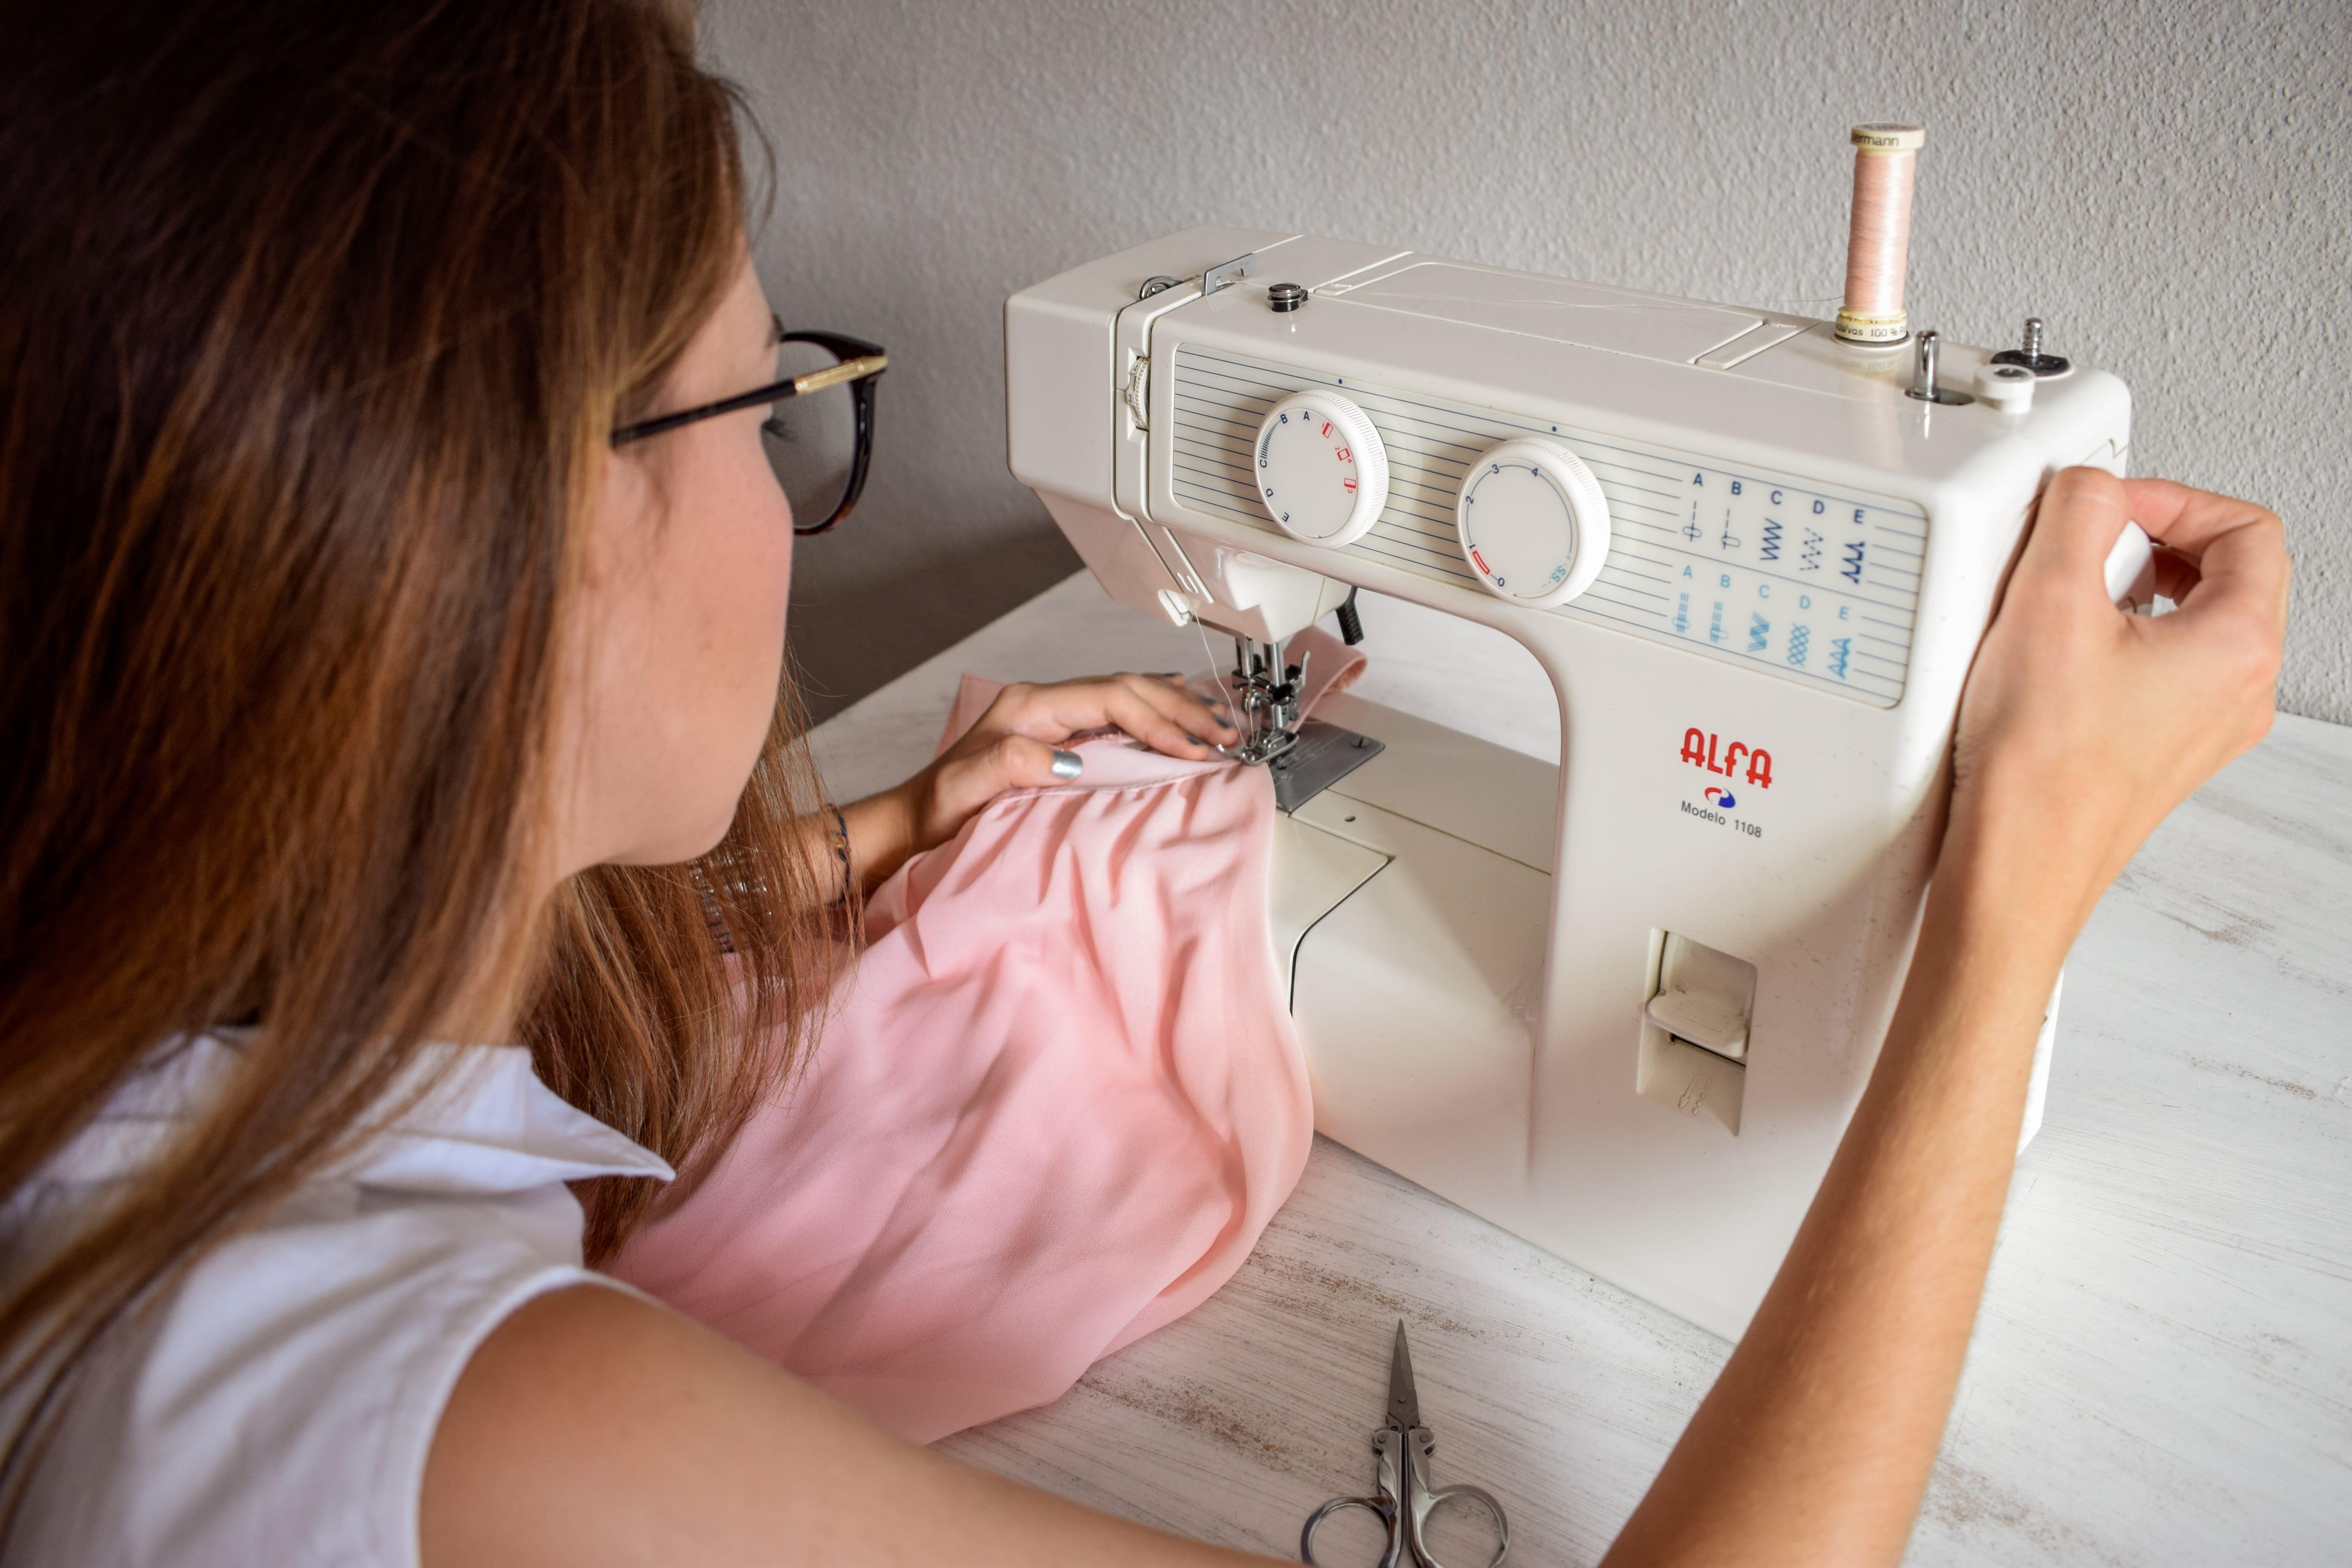 ¿Qué máquina de coser comprar? Consejos y recomendaciones